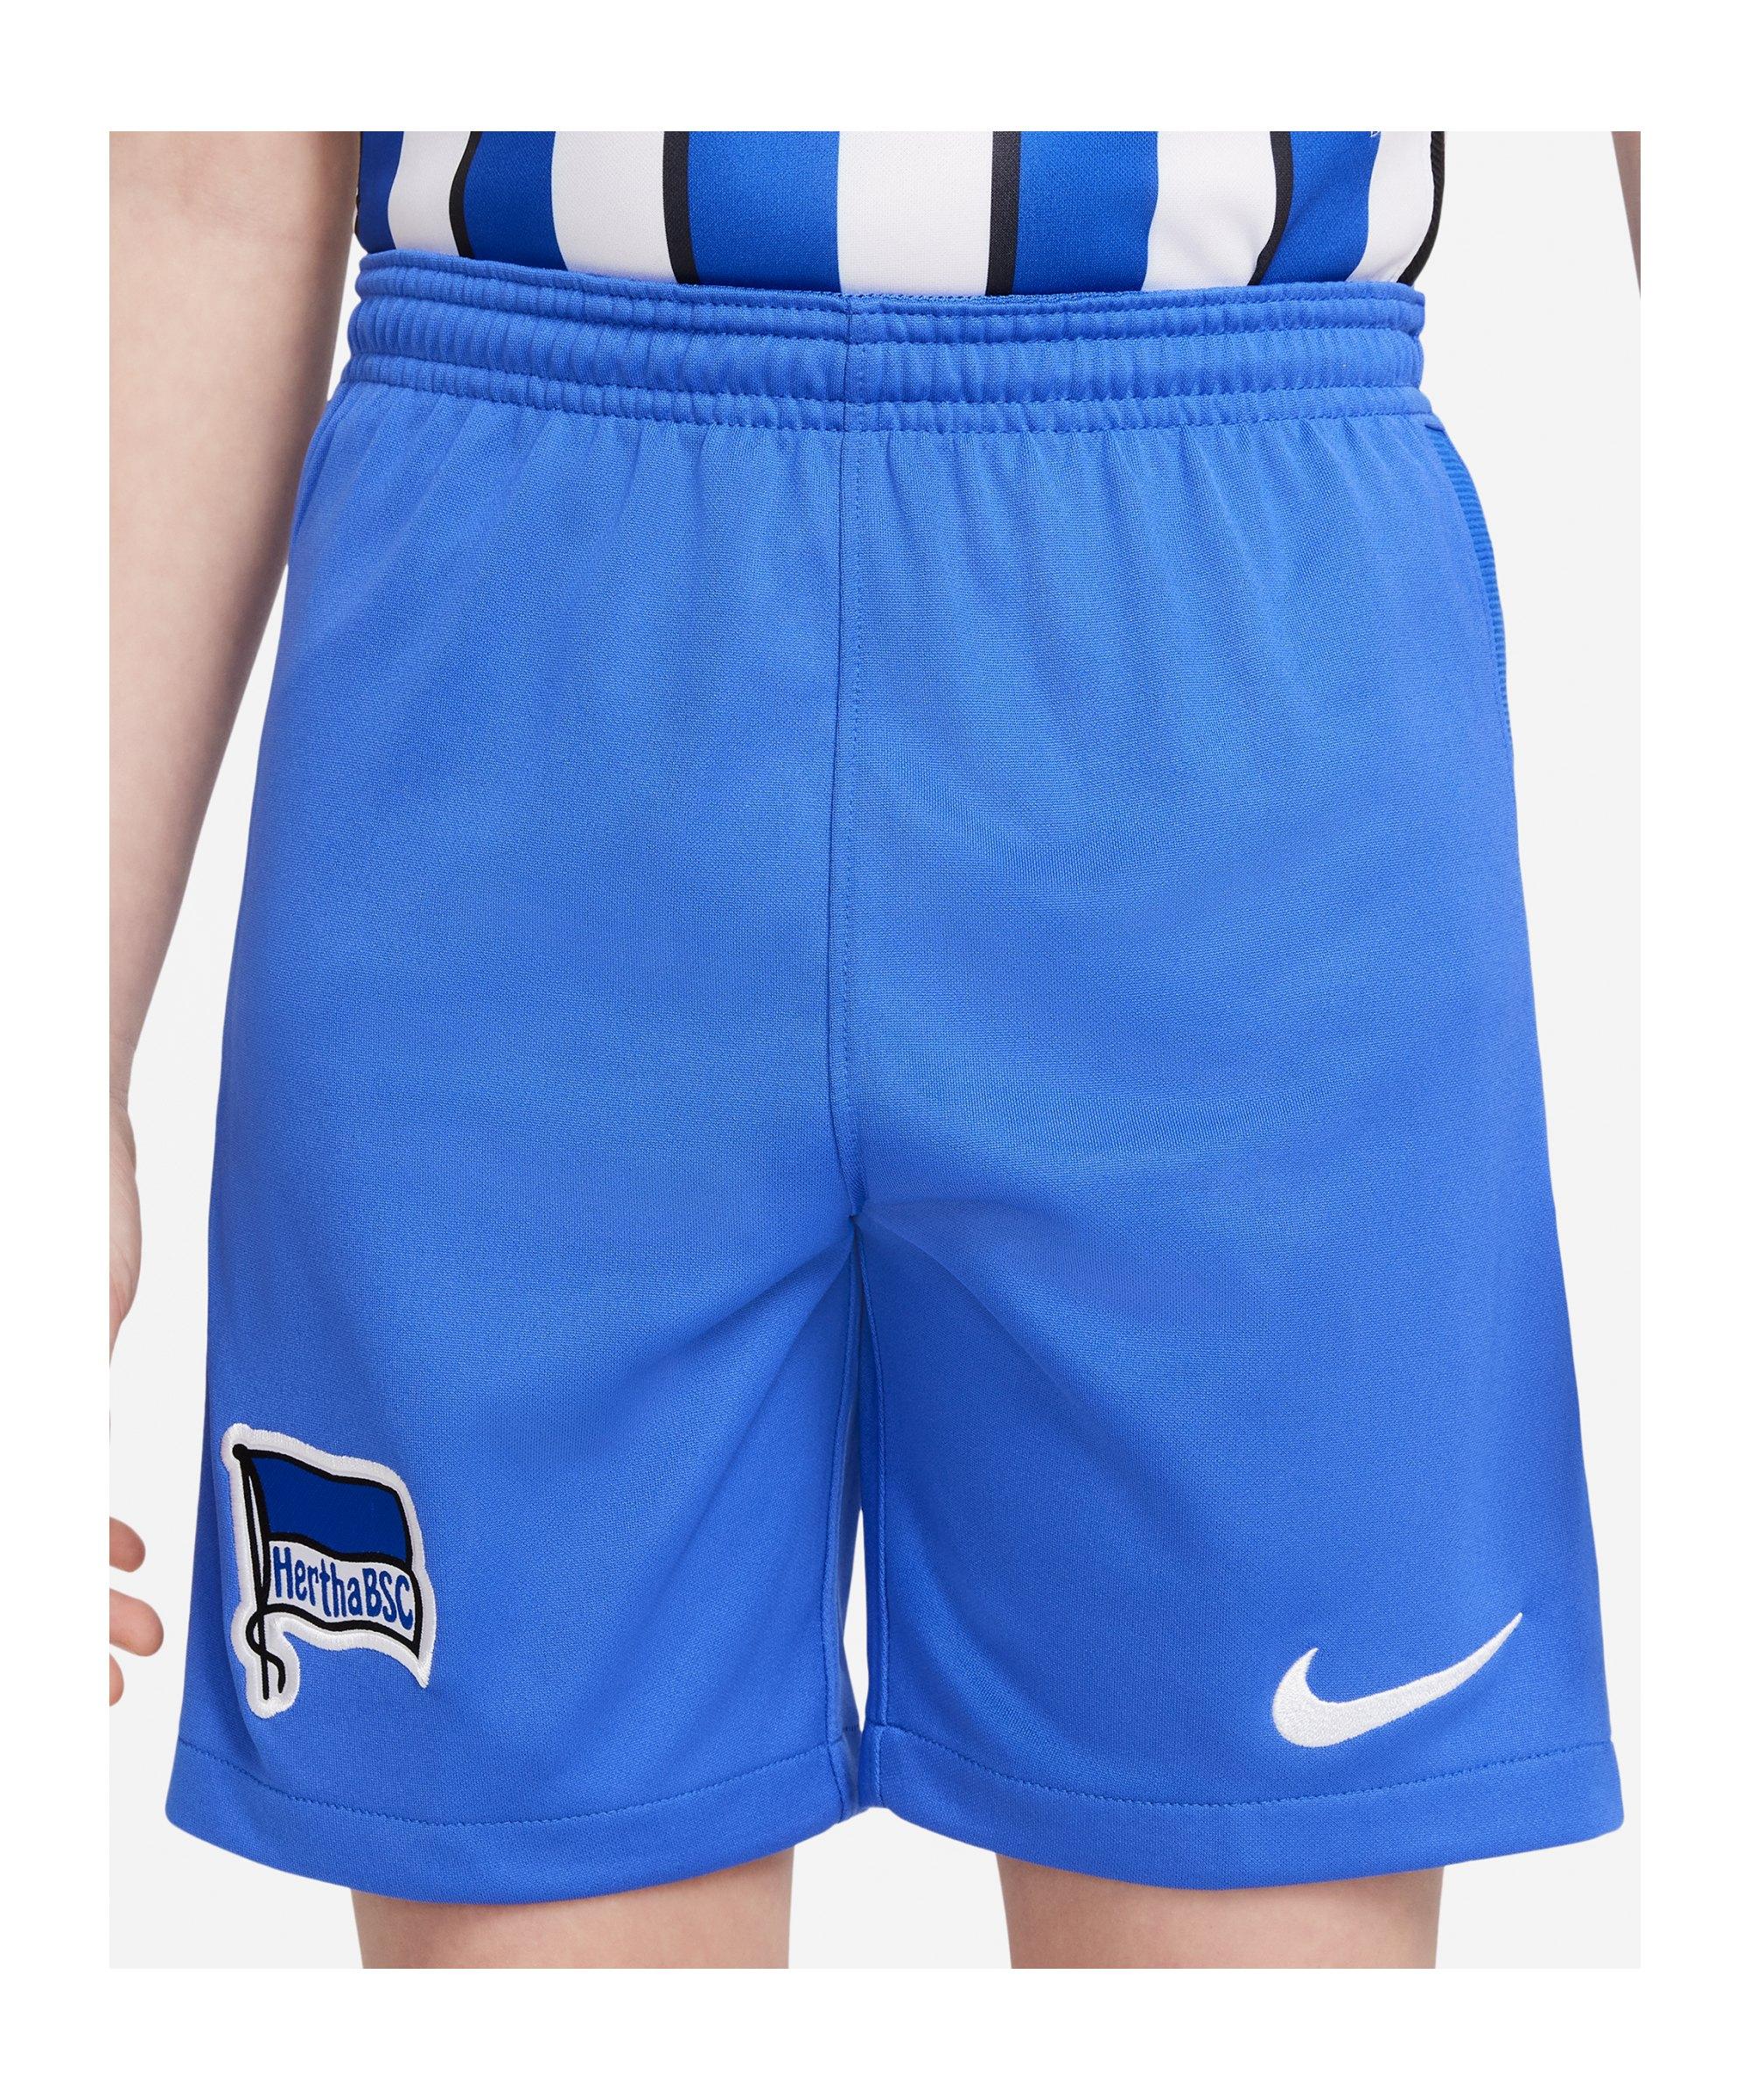 Nike Hertha BSC Short Home Away 21/22 Kids F405 - blau